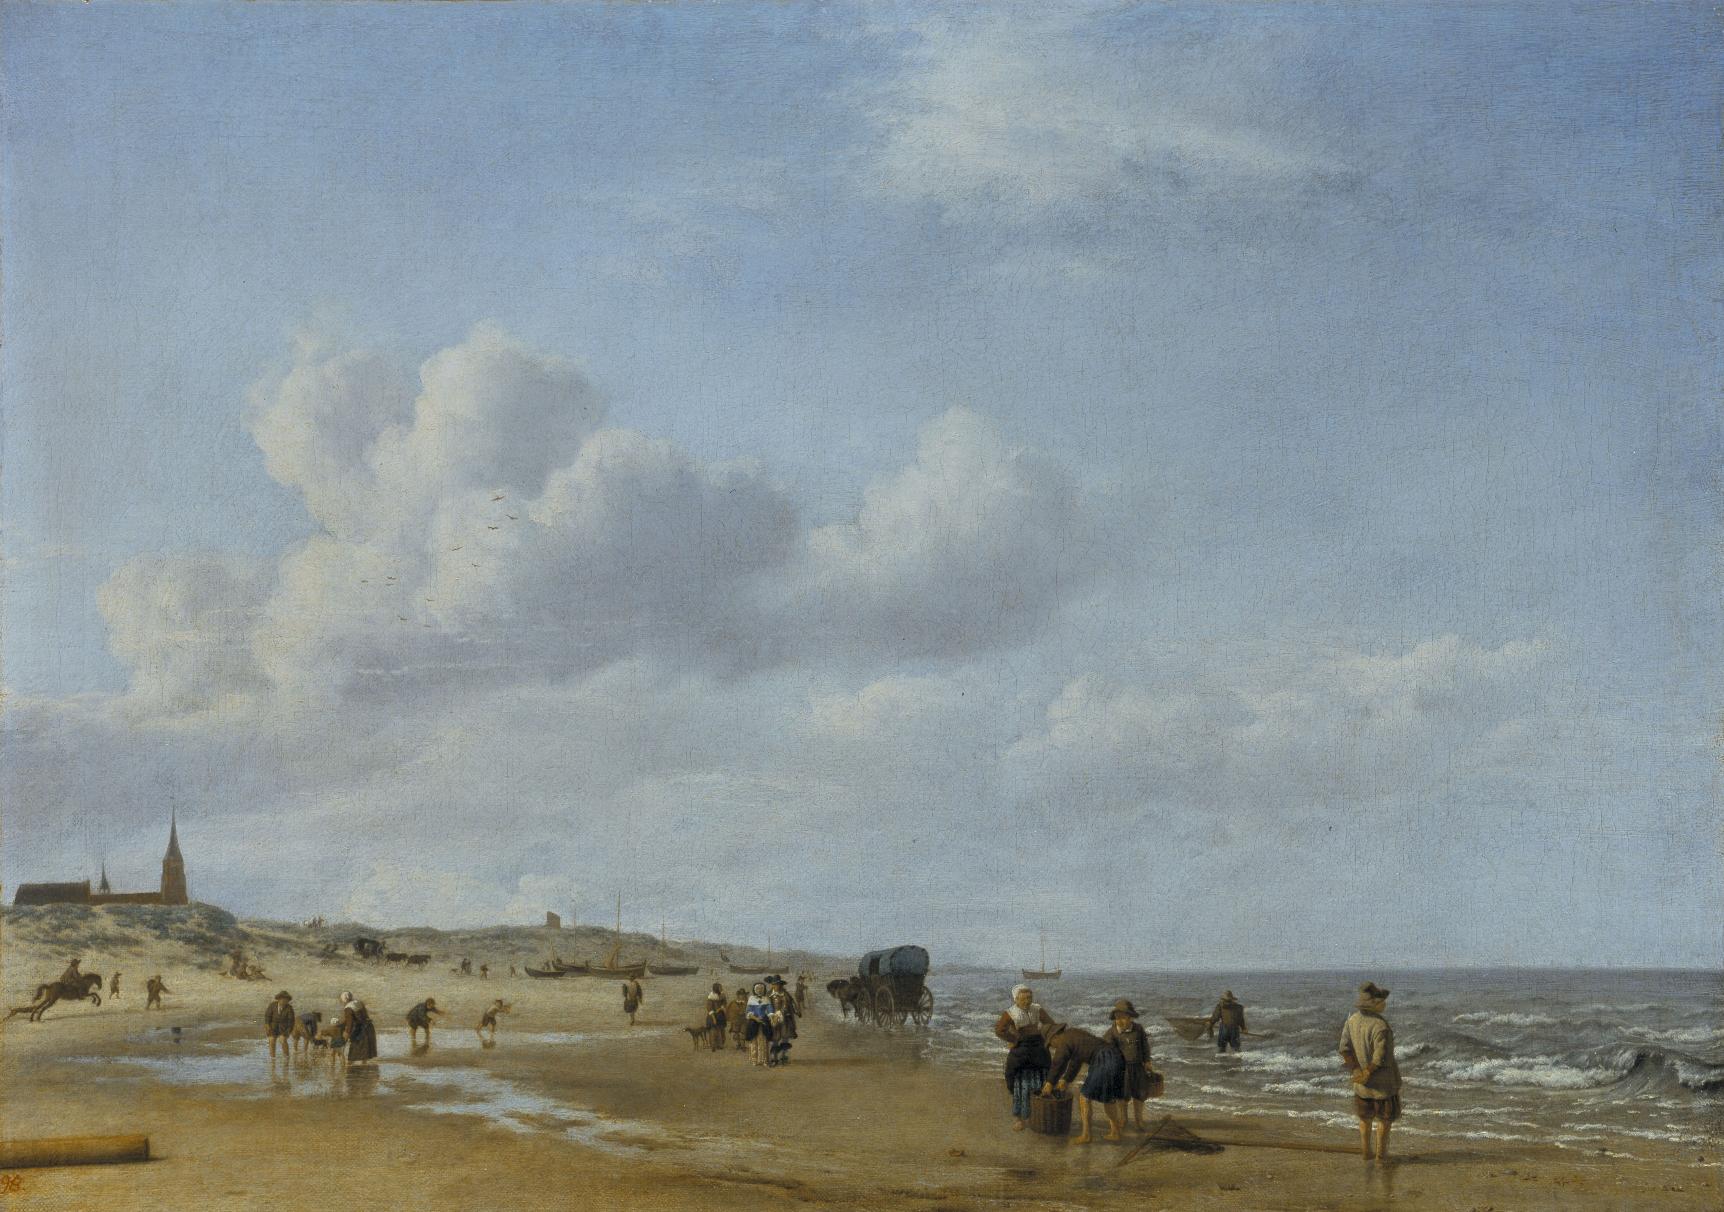 File:Het Strand van Scheveningen, Adriaen van de Velde (1658).jpg